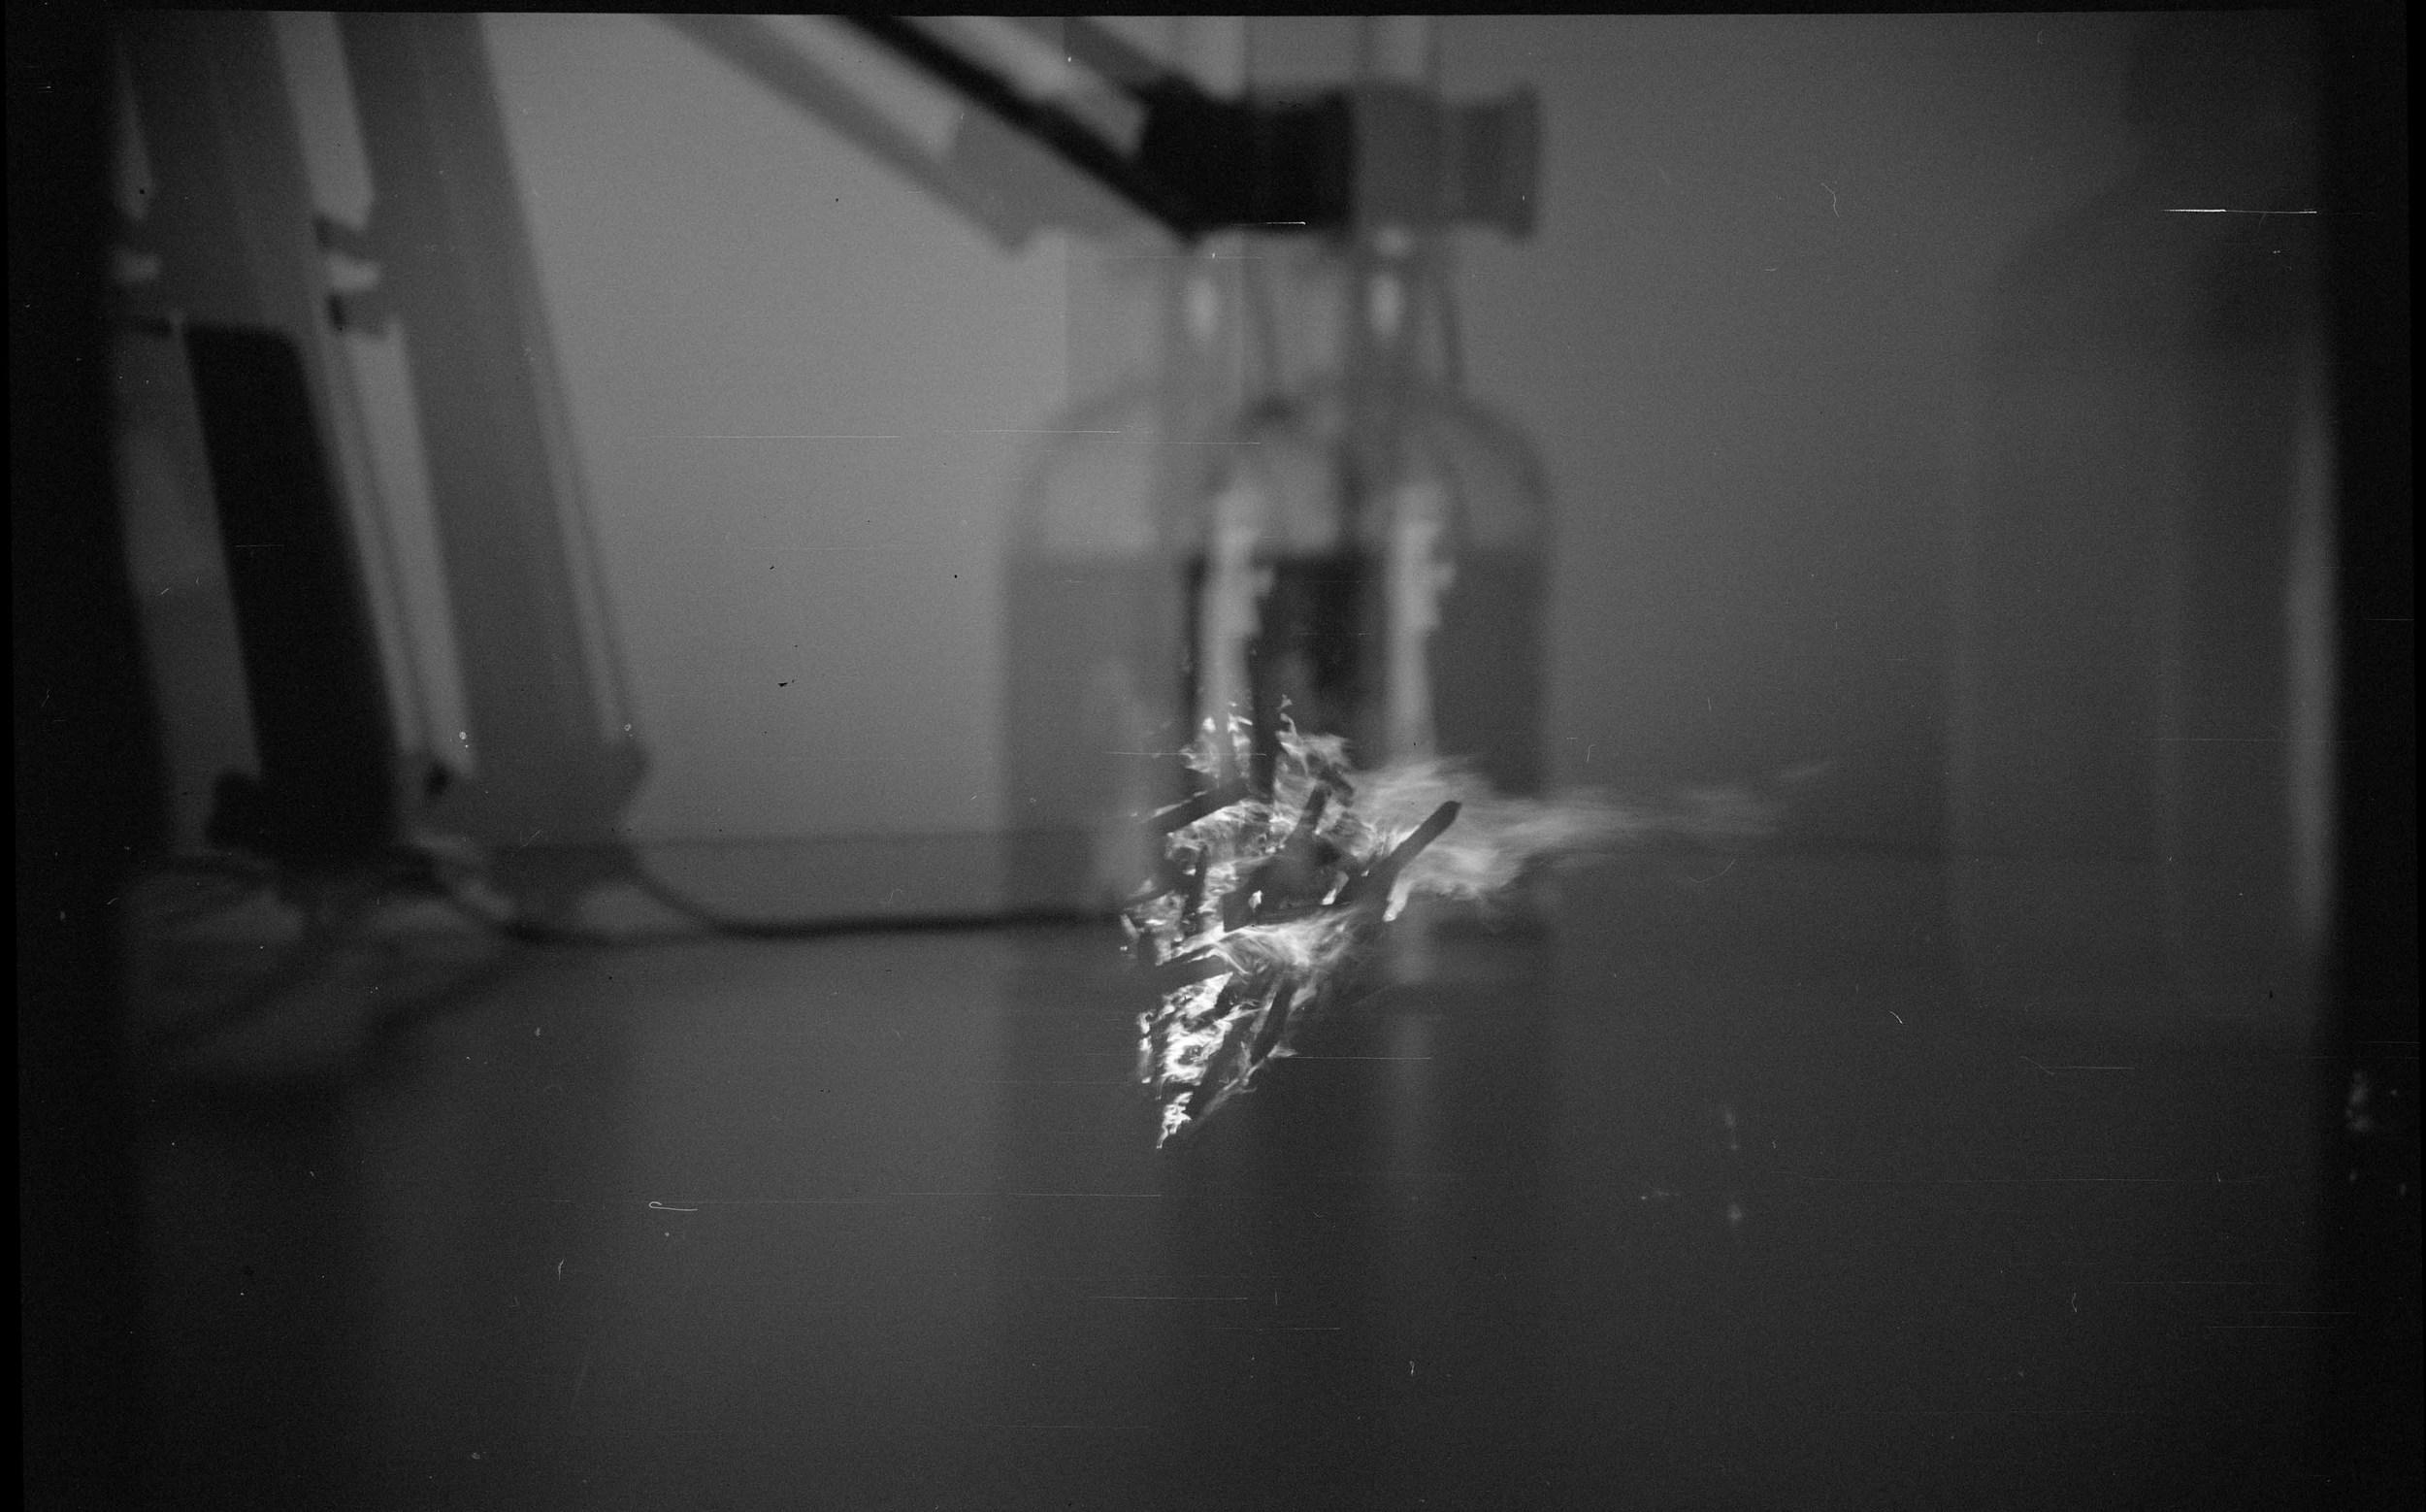 06_Very_Strange_Liquid.jpg